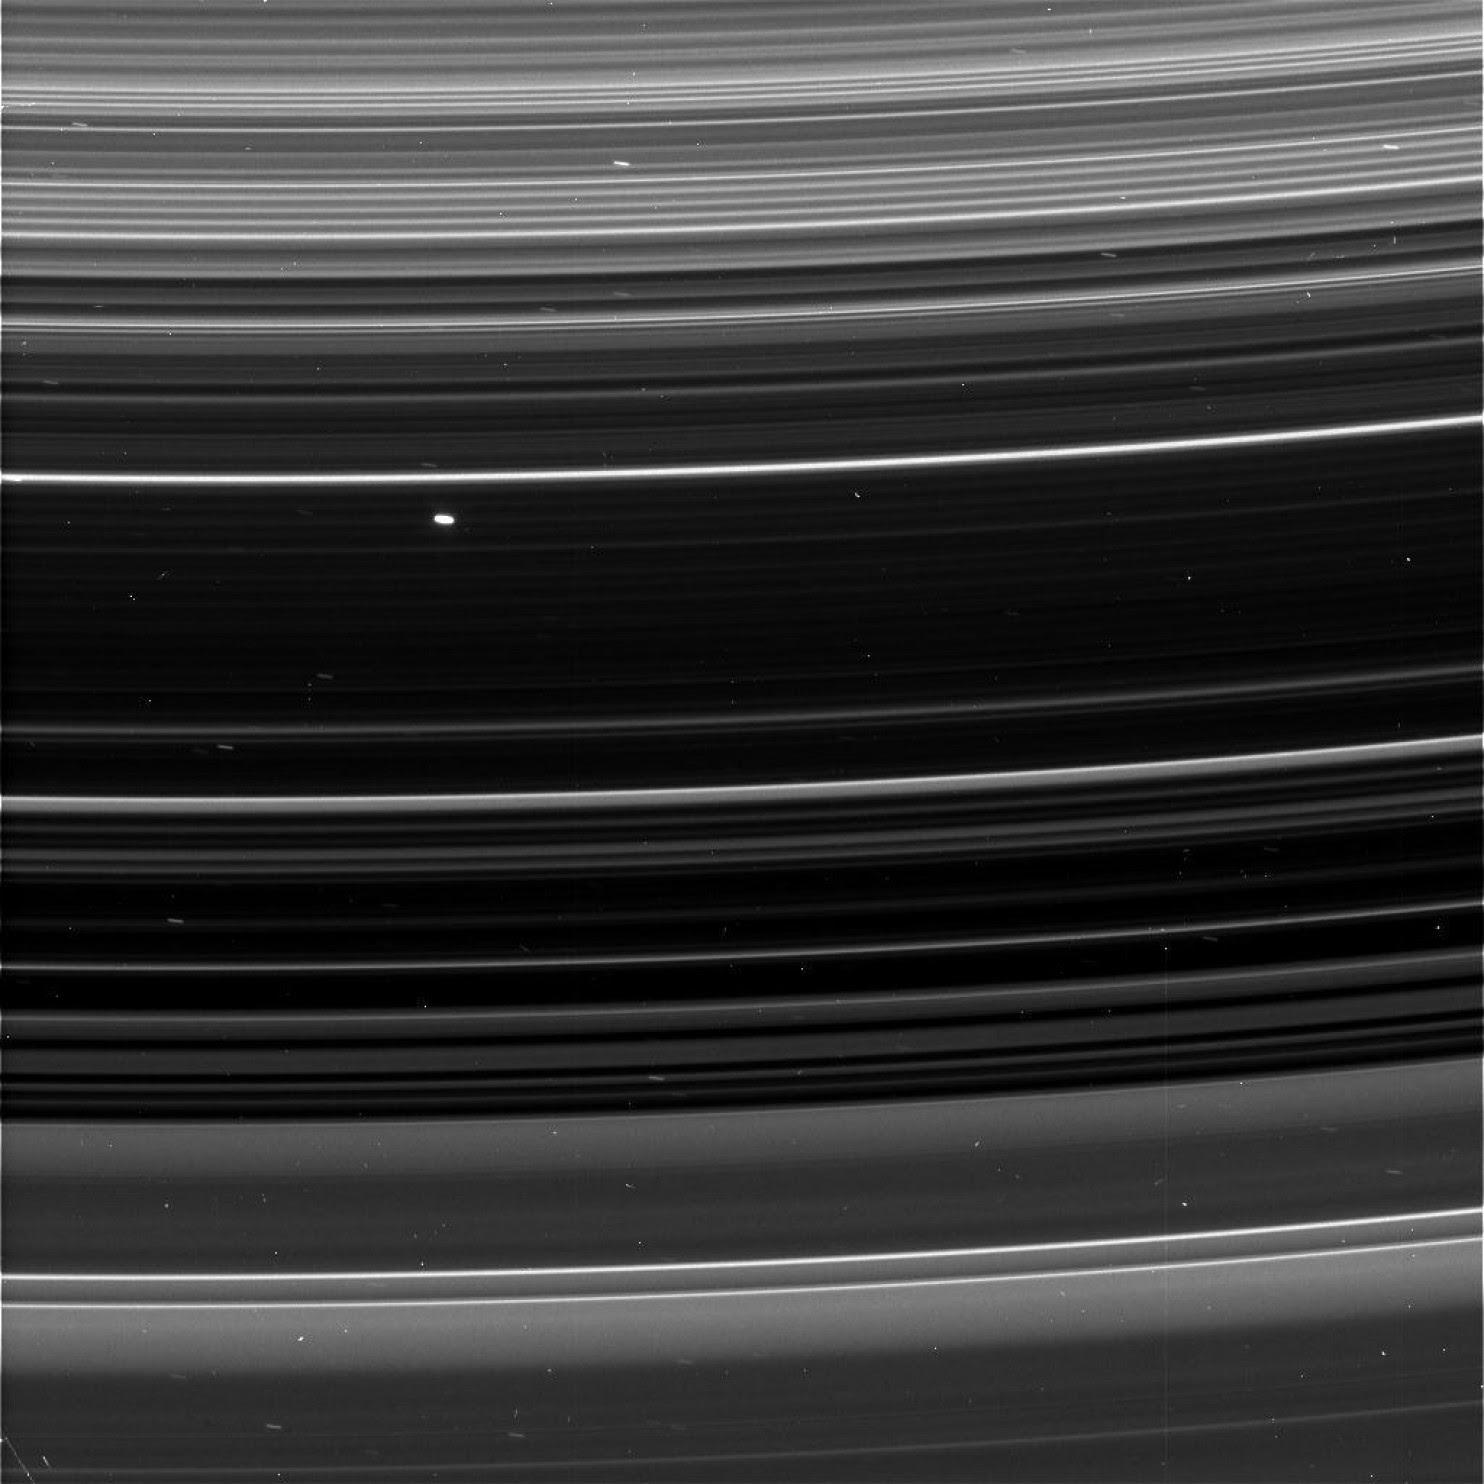 Cassini9